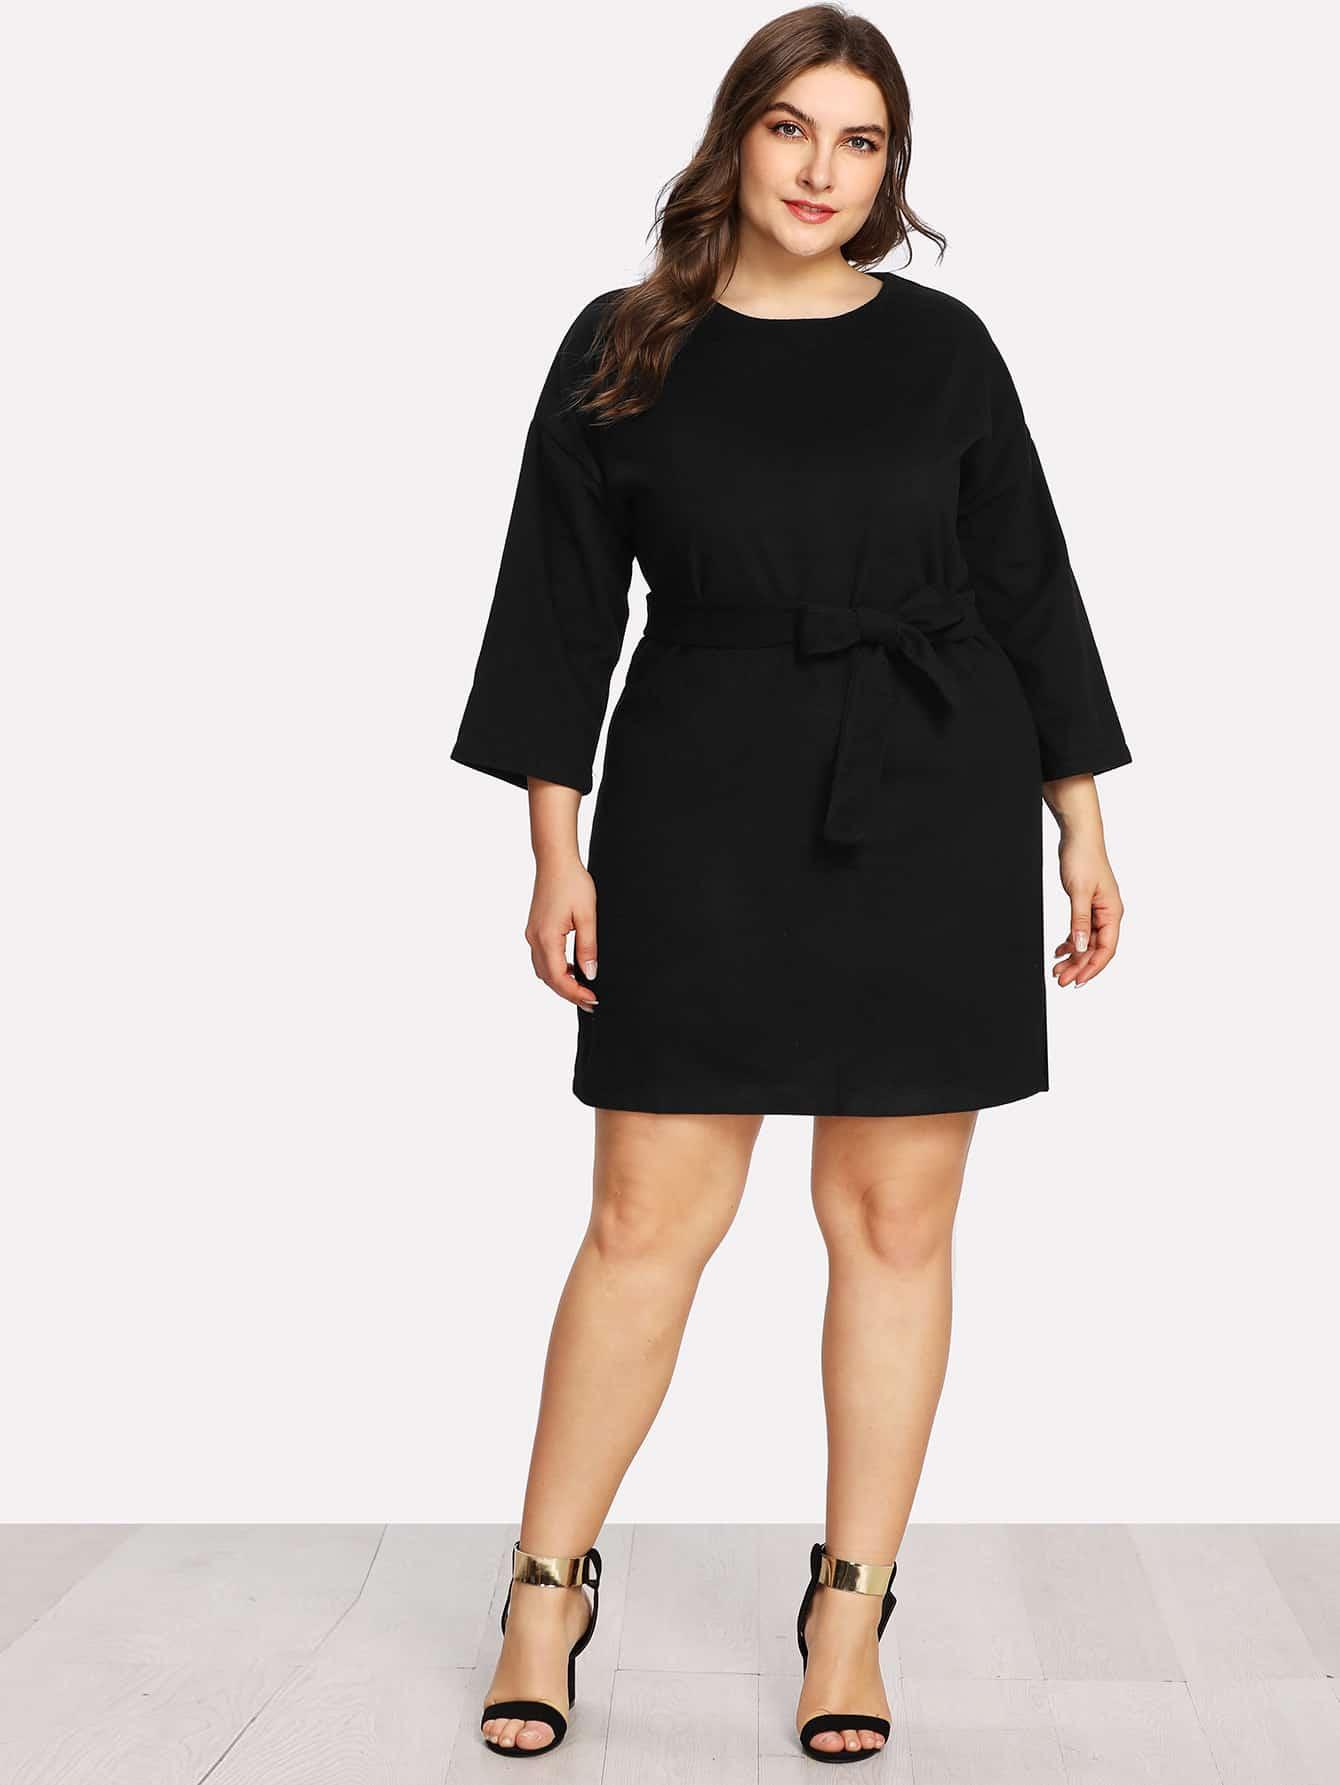 Drop Shoulder Slit Side Belted Dress